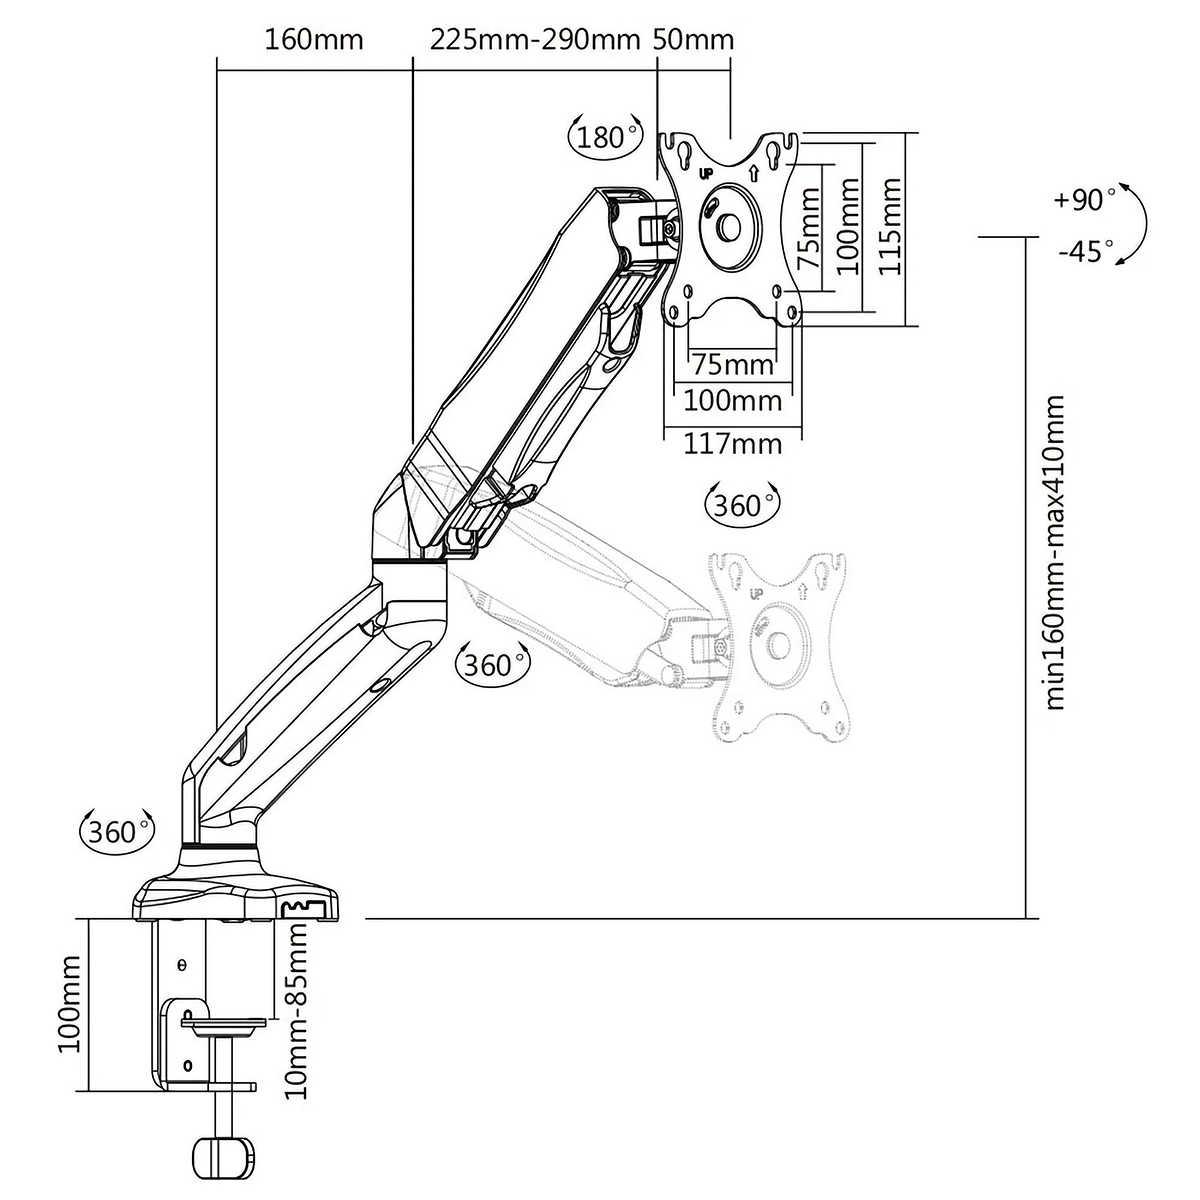 Suporte Articulado de Mesa com Pistão a Gás Ajuste de Altura Rotação de Tela e Base para Monitores de 17 a 27 ELG F80N